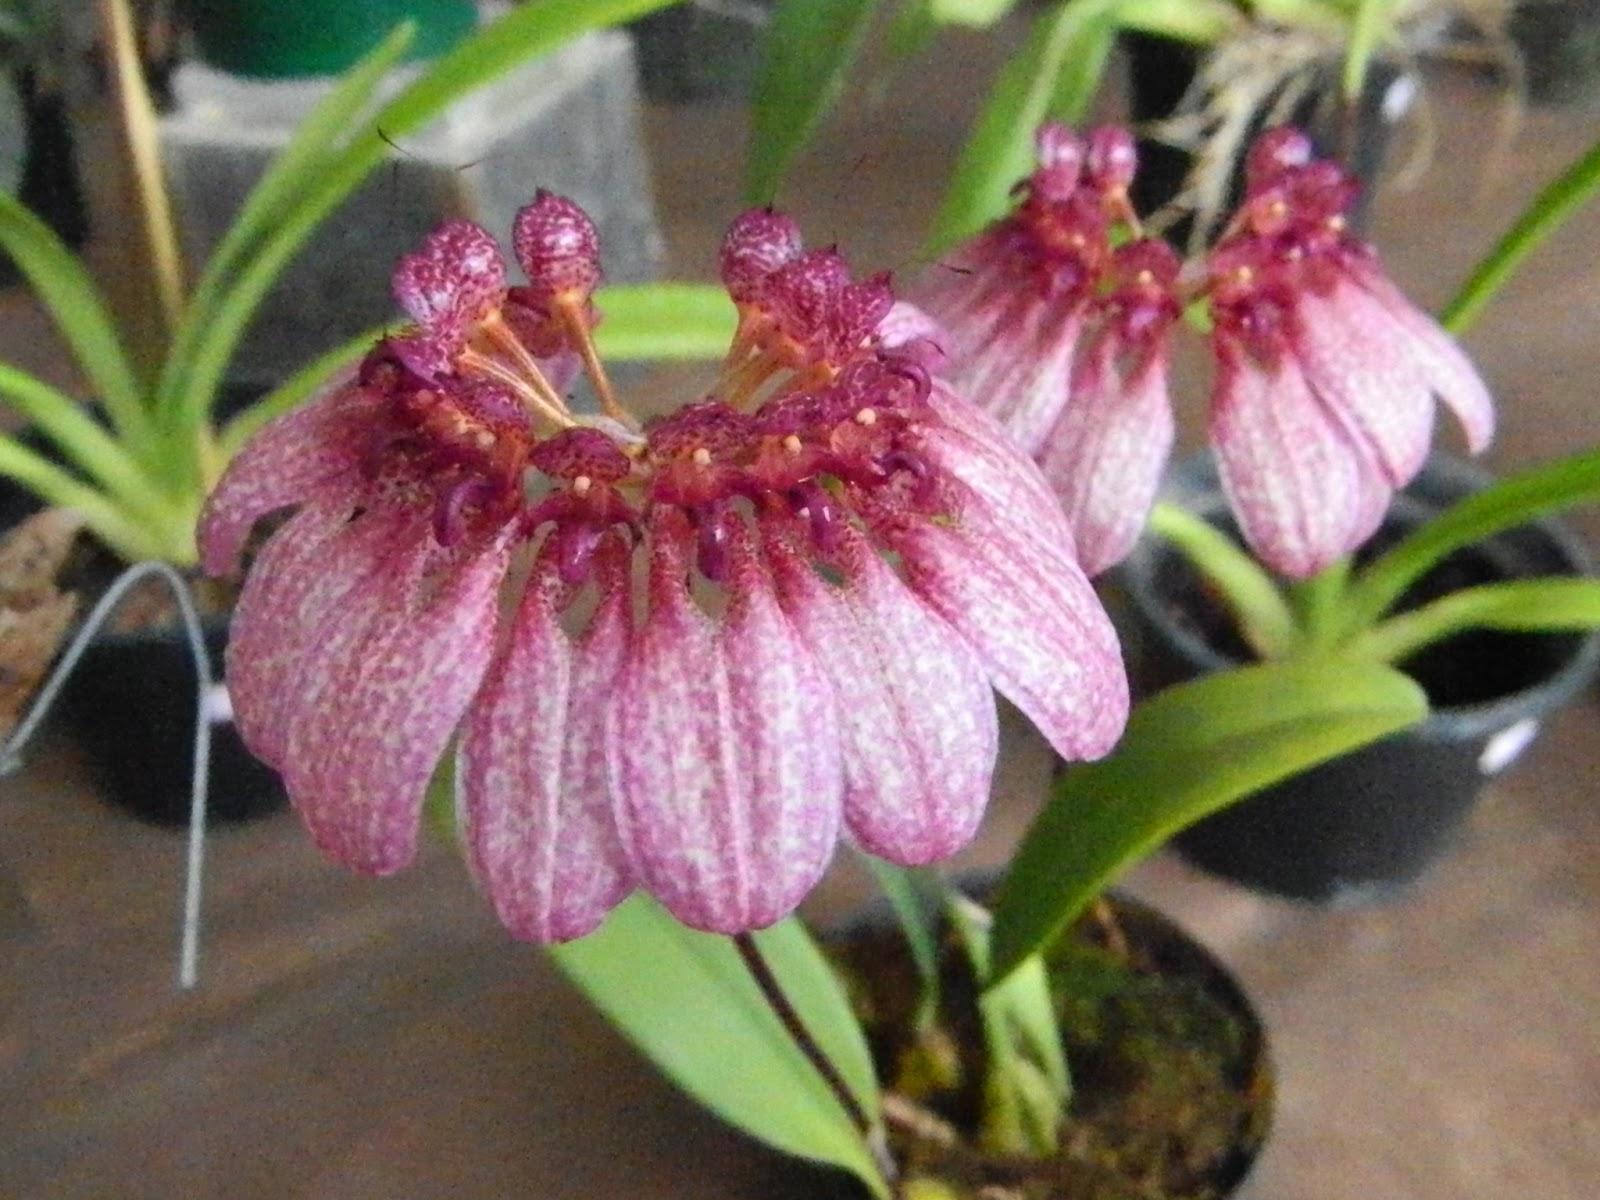 Bulbophyllum eberhardtii